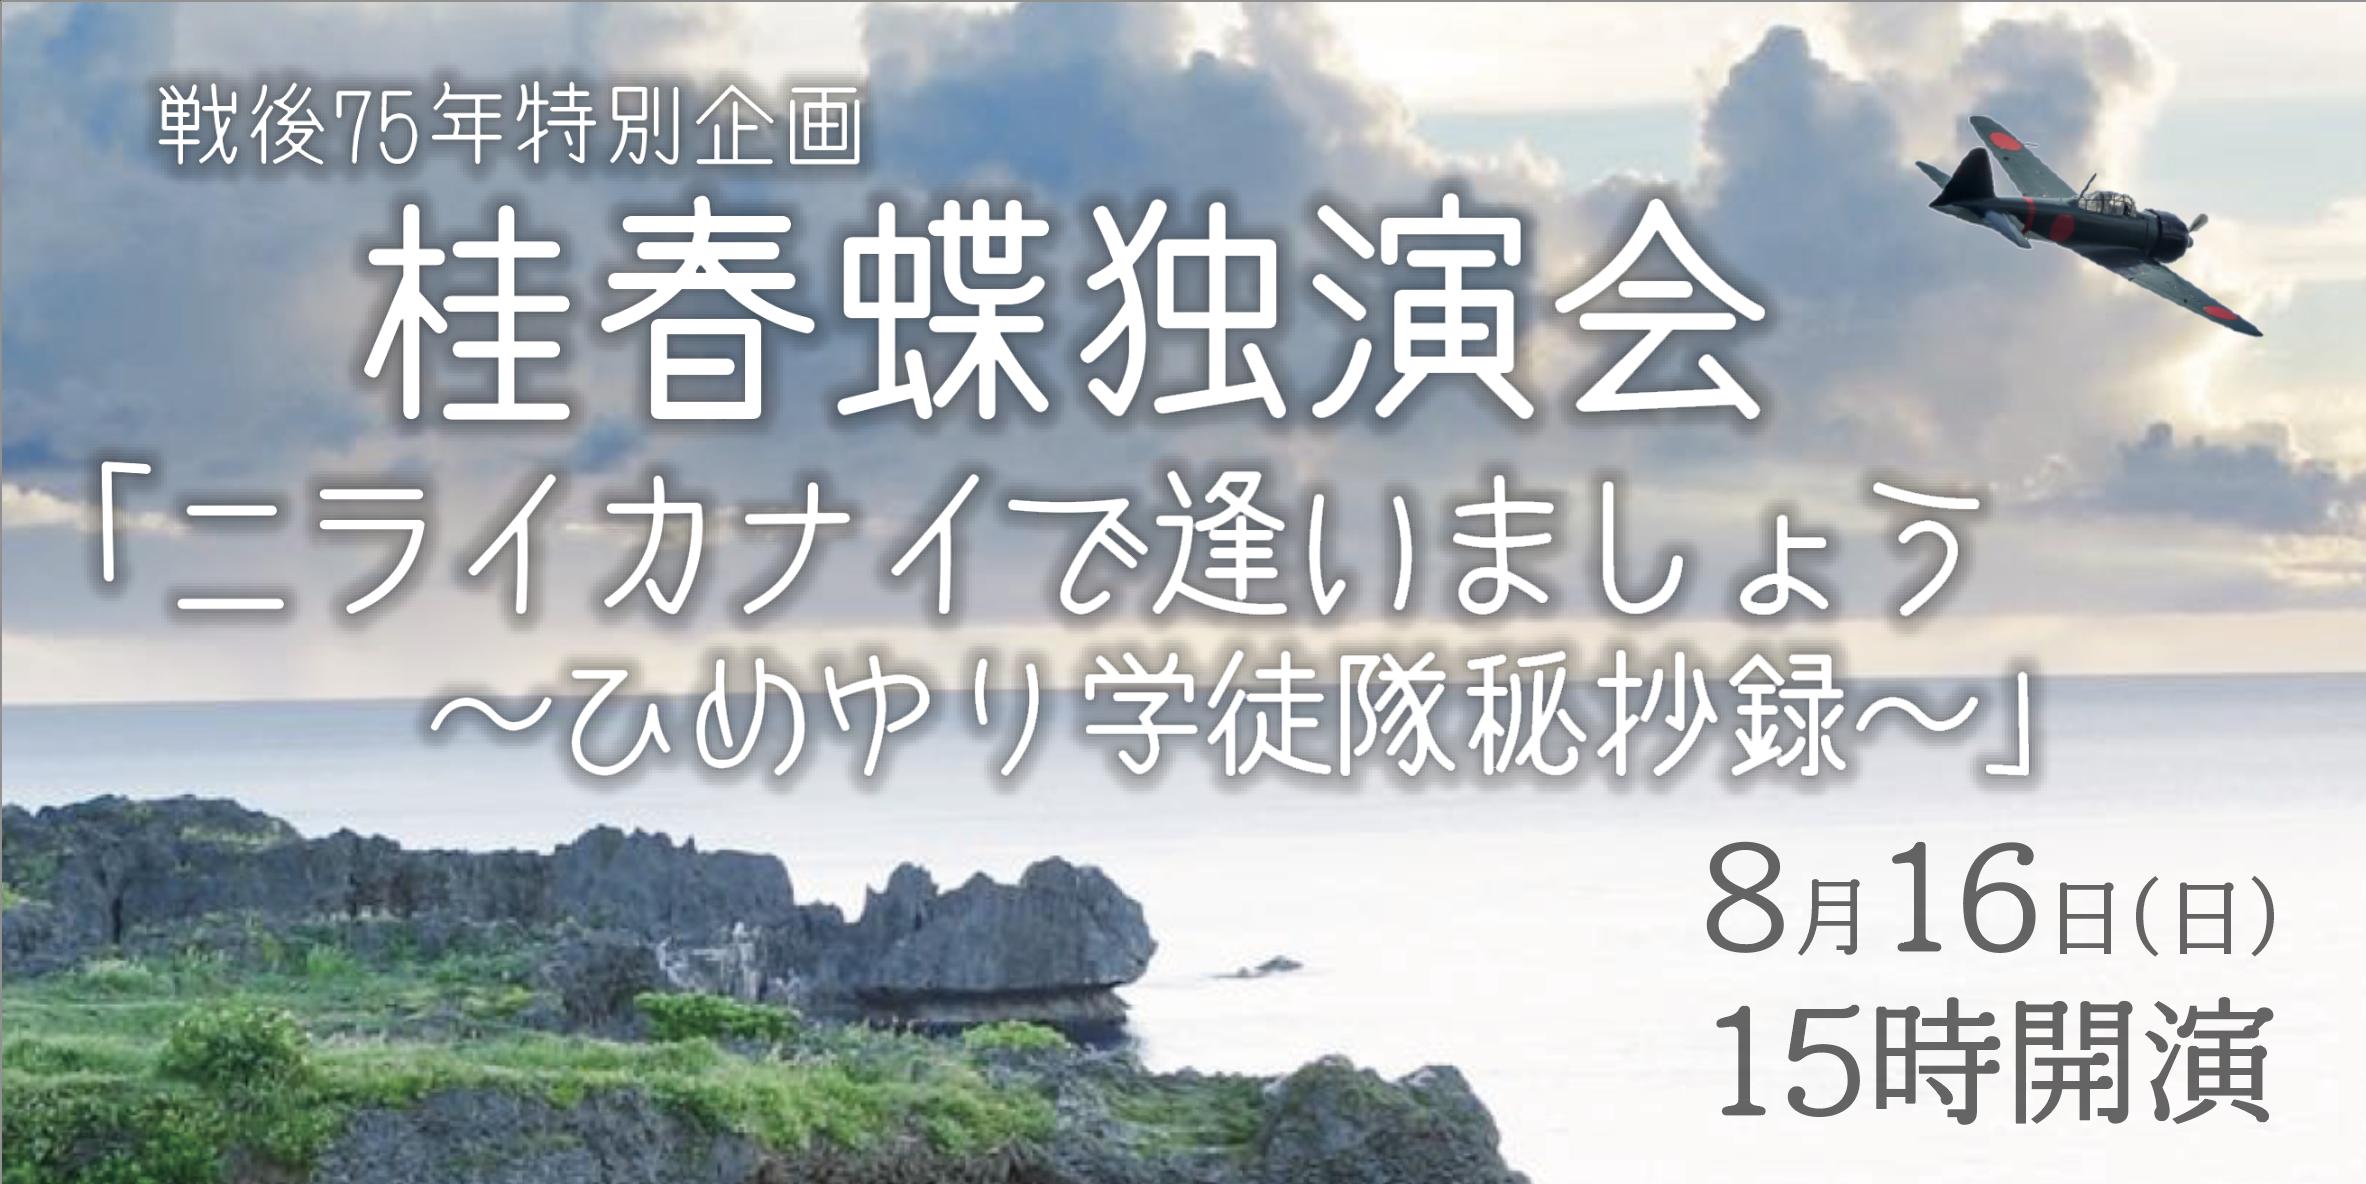 「ニライカナイで逢いましょう〜ひめゆり学徒隊秘抄録〜」